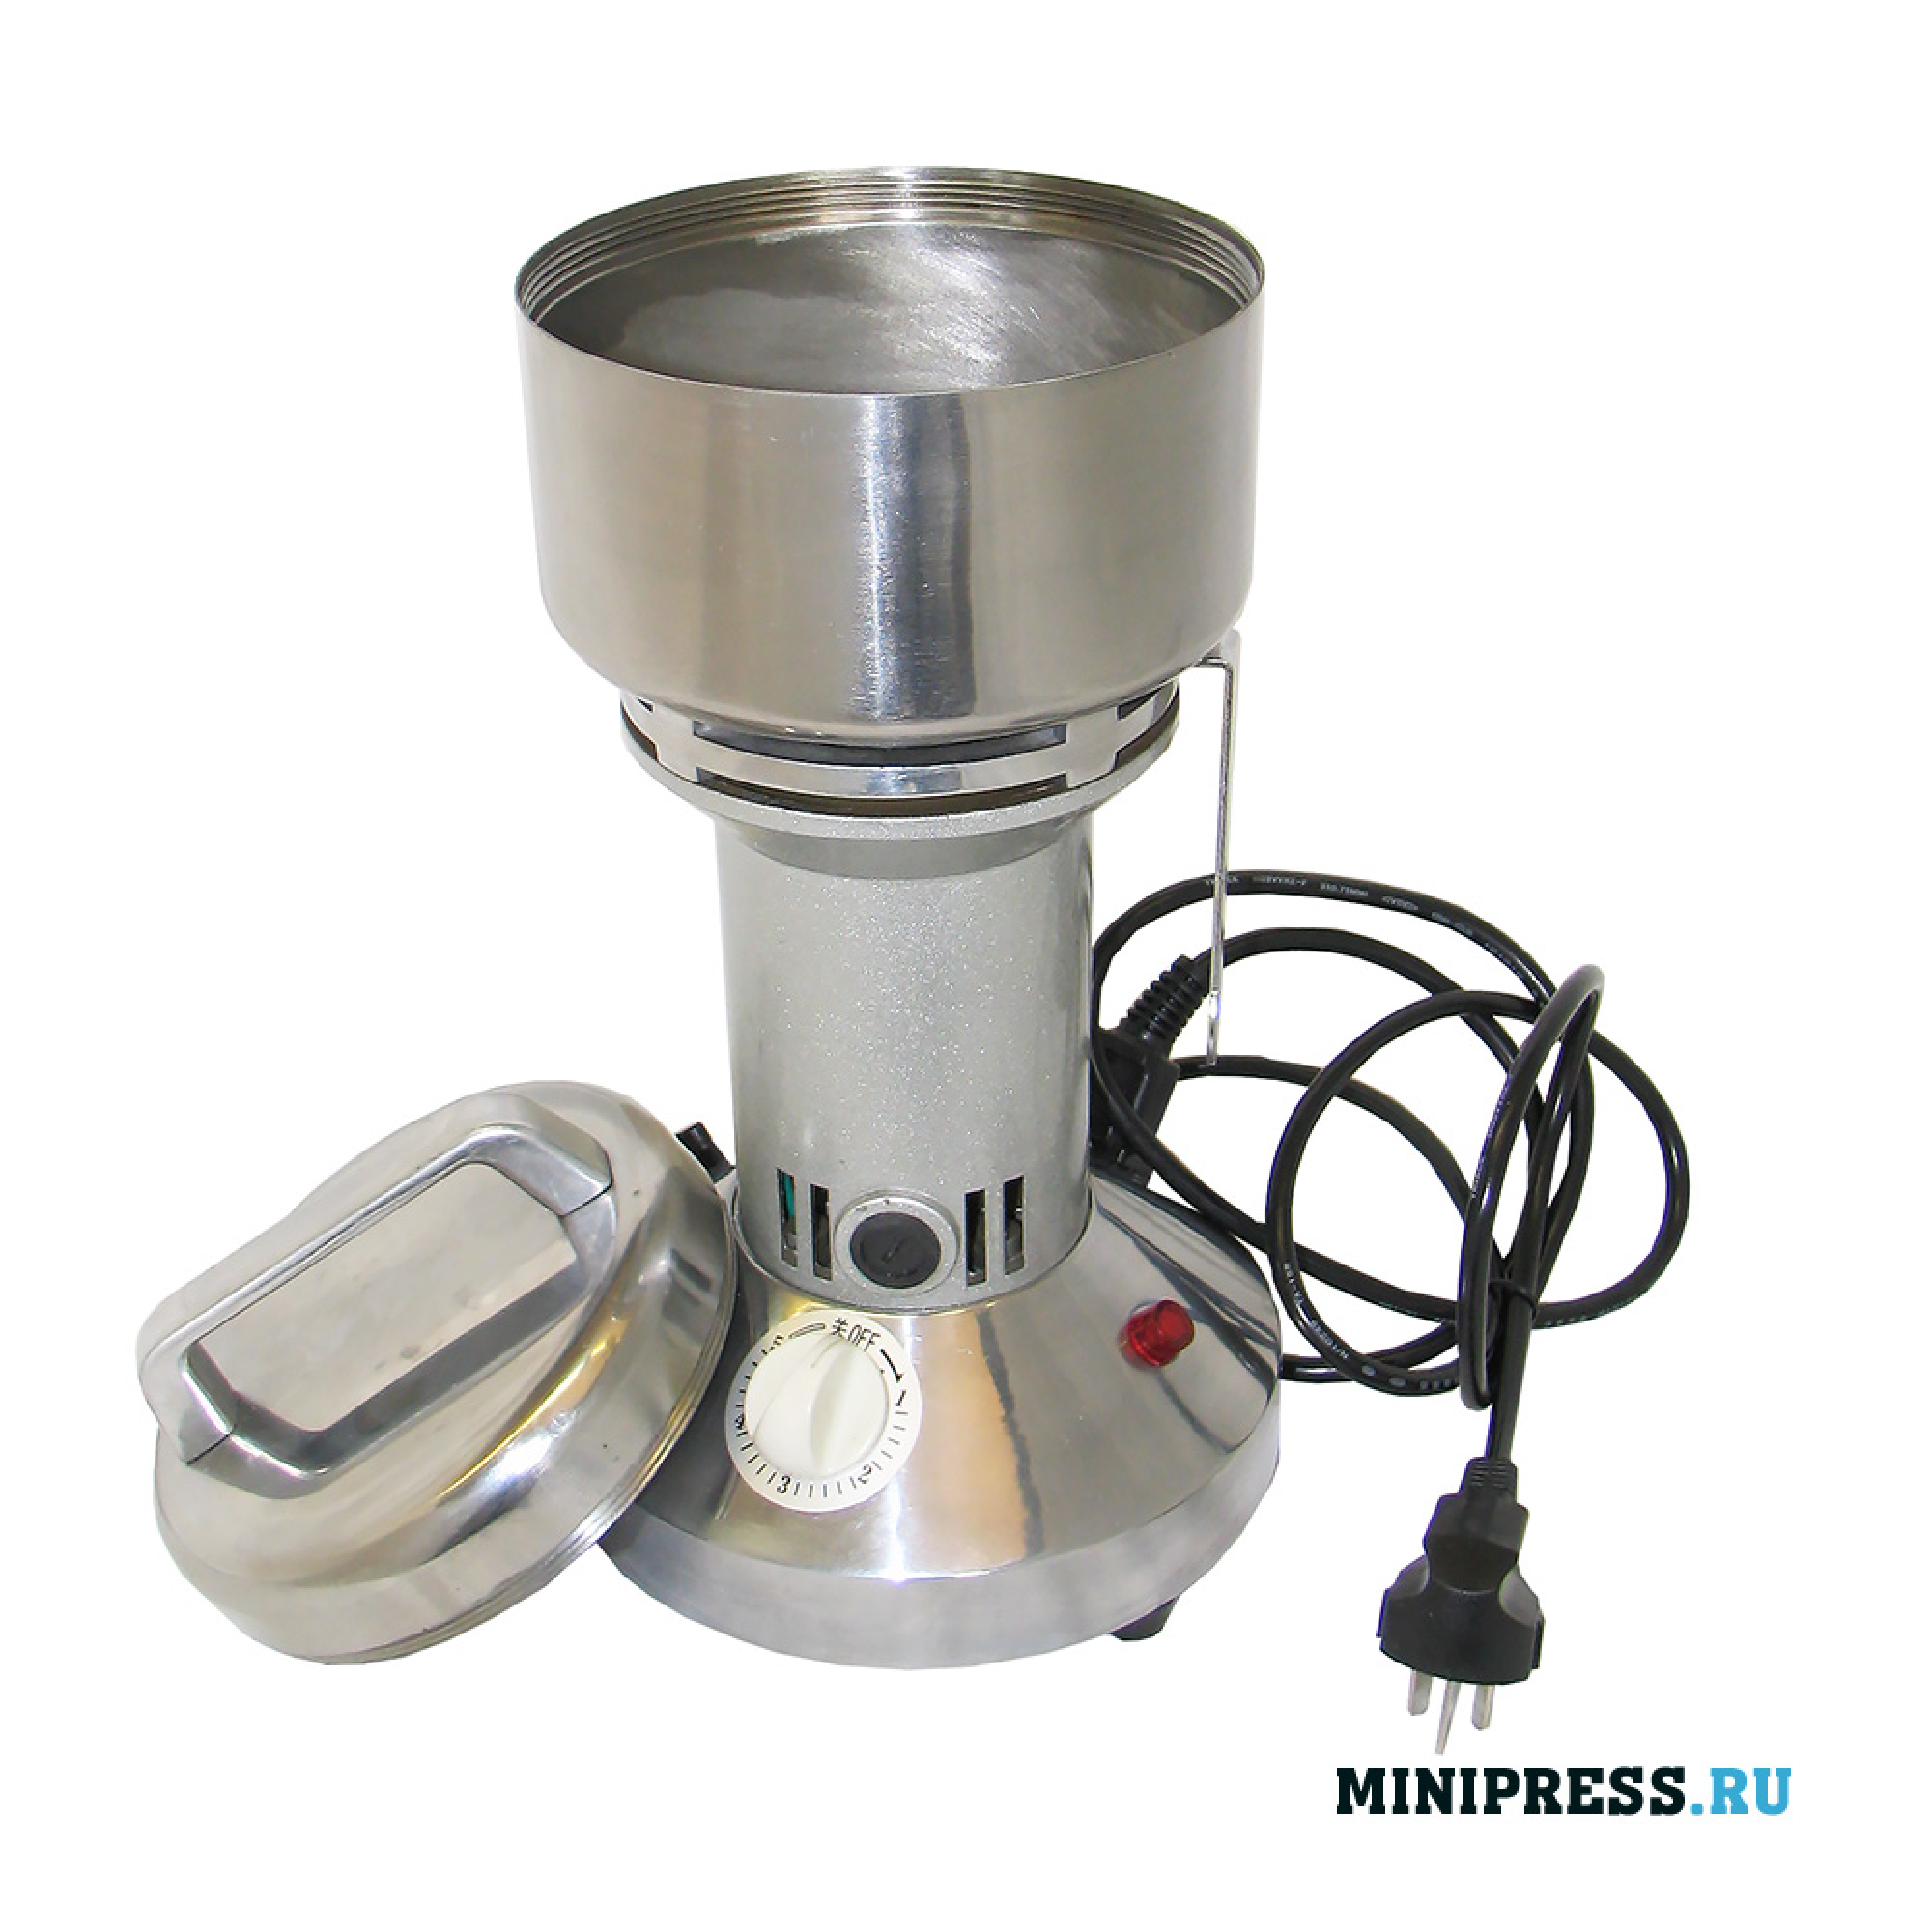 Оборудование для измельчения фармацевтического и пищевого сырья мельницы, измельчители